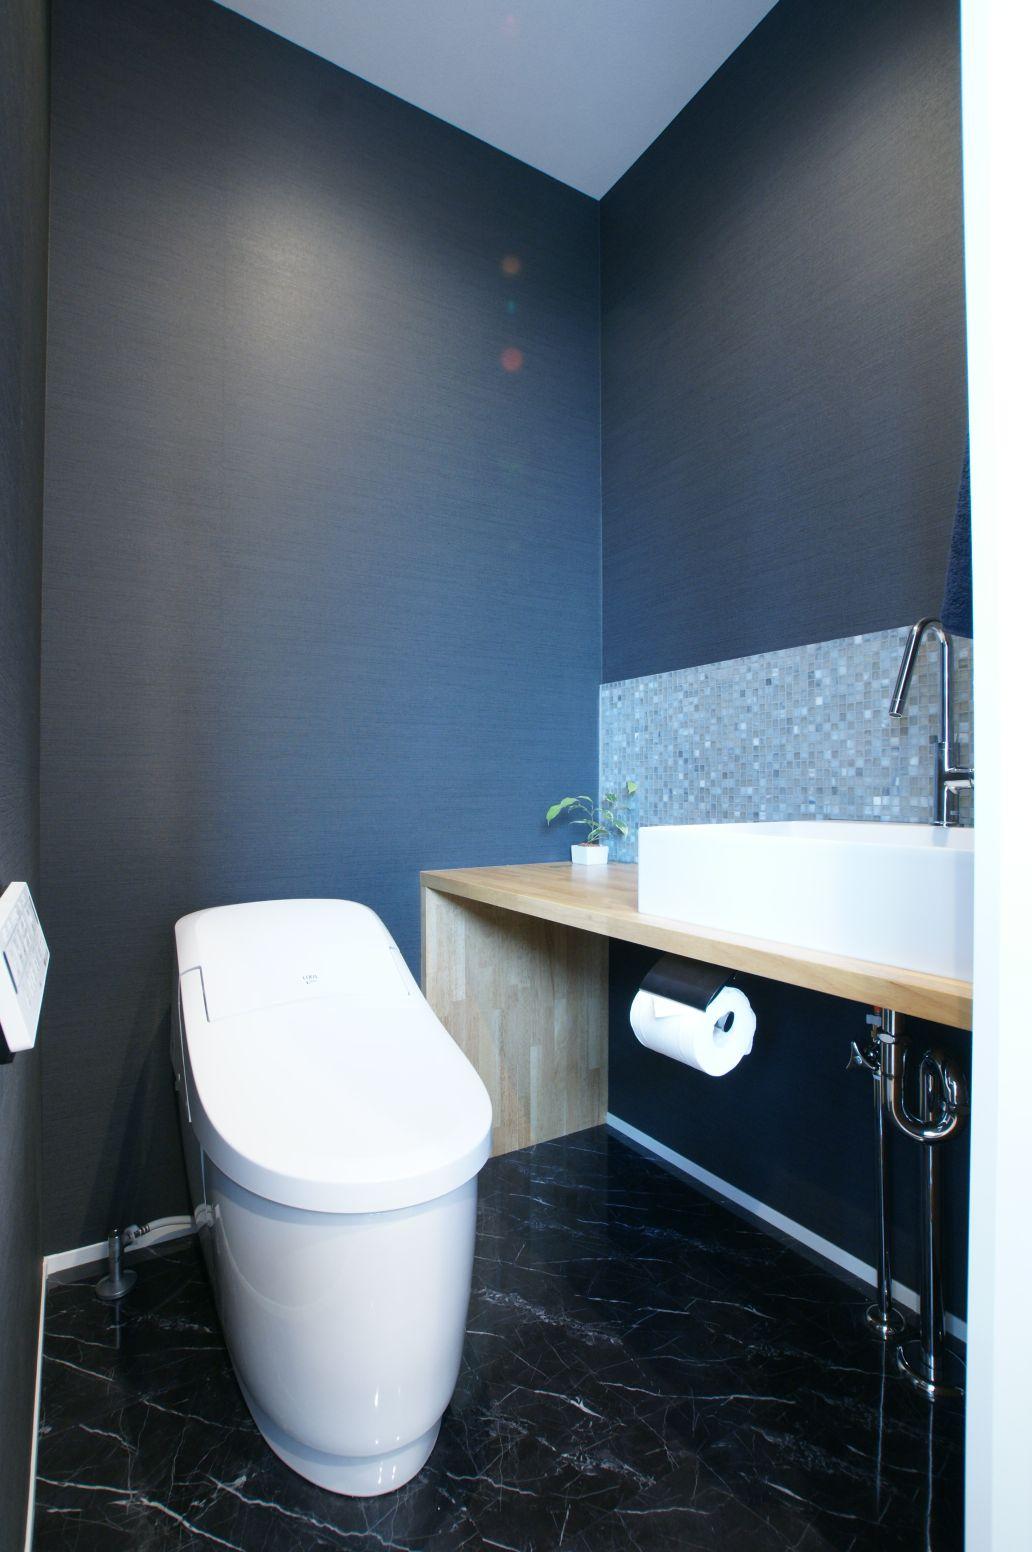 RIKYU (リキュー)【デザイン住宅、間取り、インテリア】トイレはシックなデザインでコーディネート